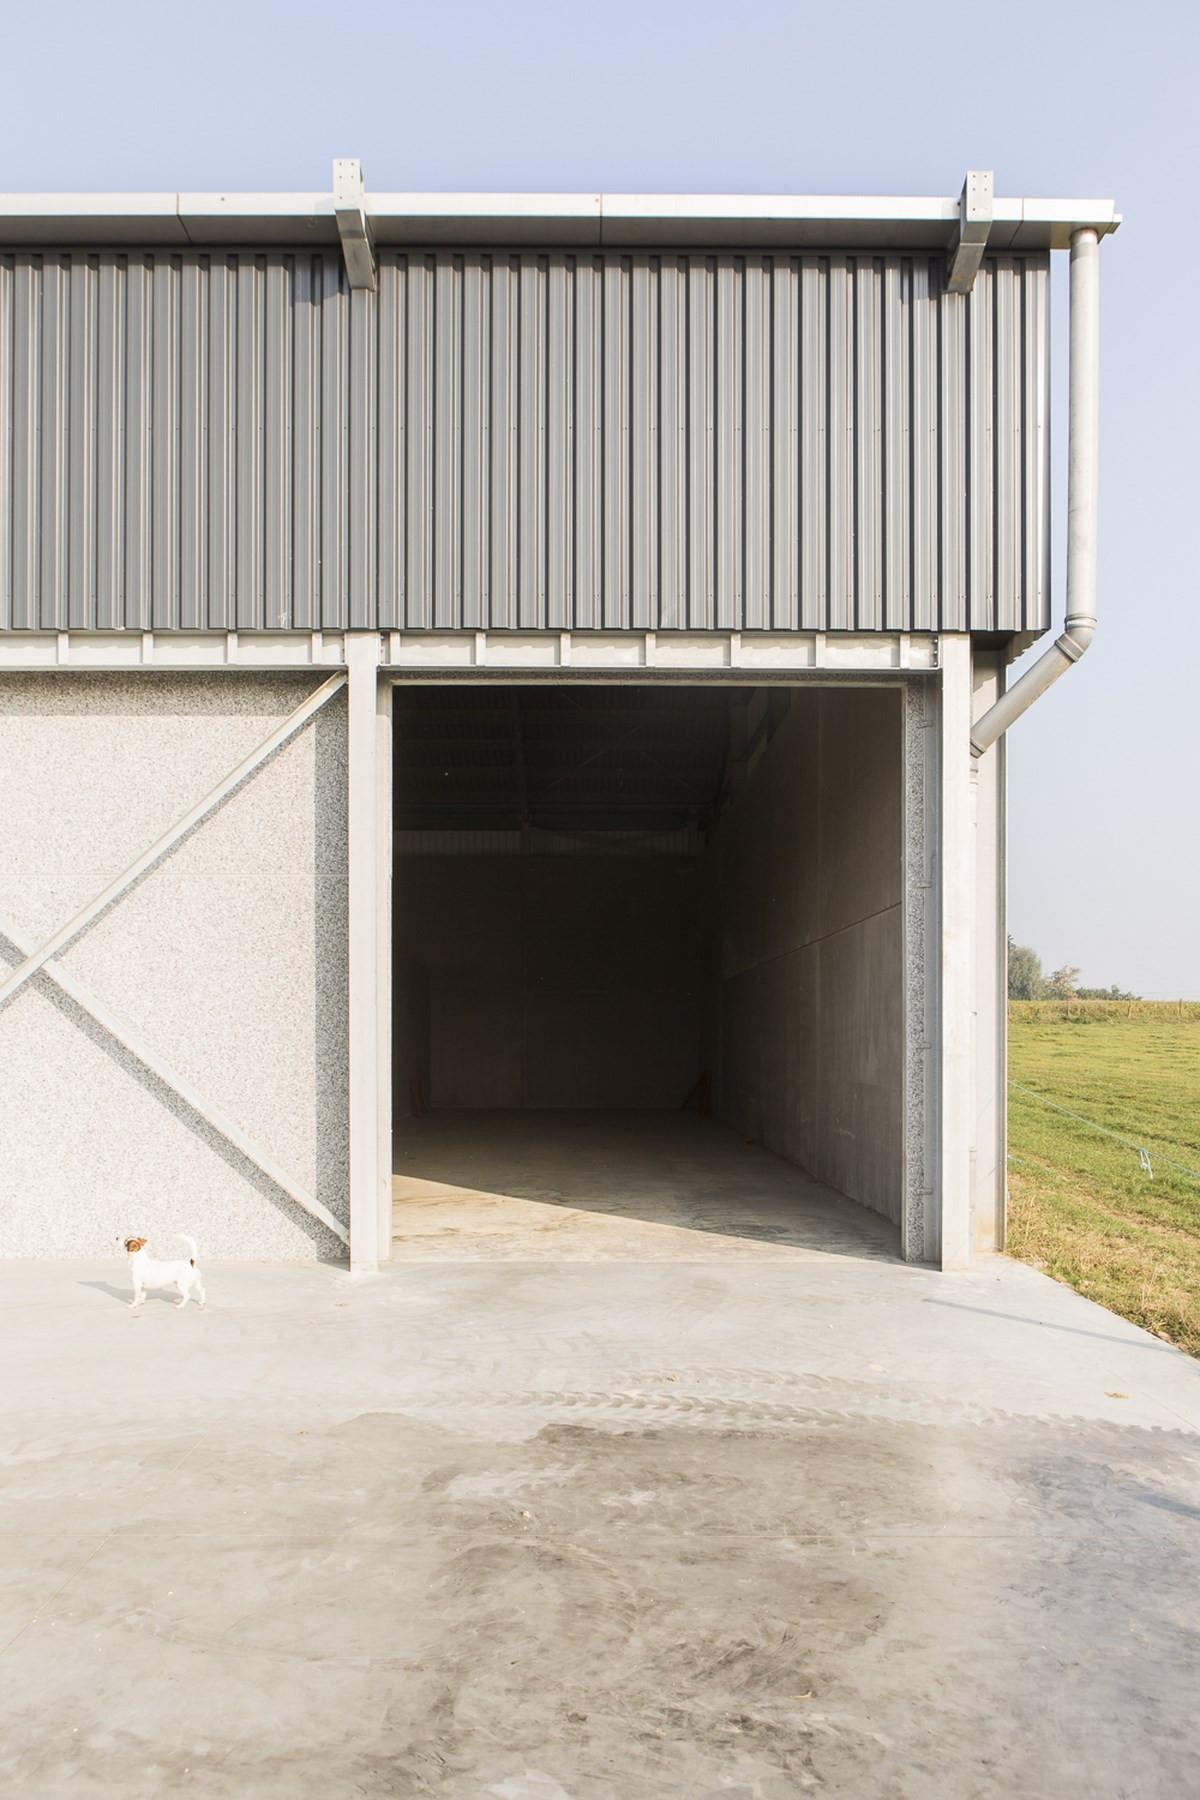 LV Dauchy_Wijtschate_aardappelloods_hangar_pomme_de_terre20.jpg